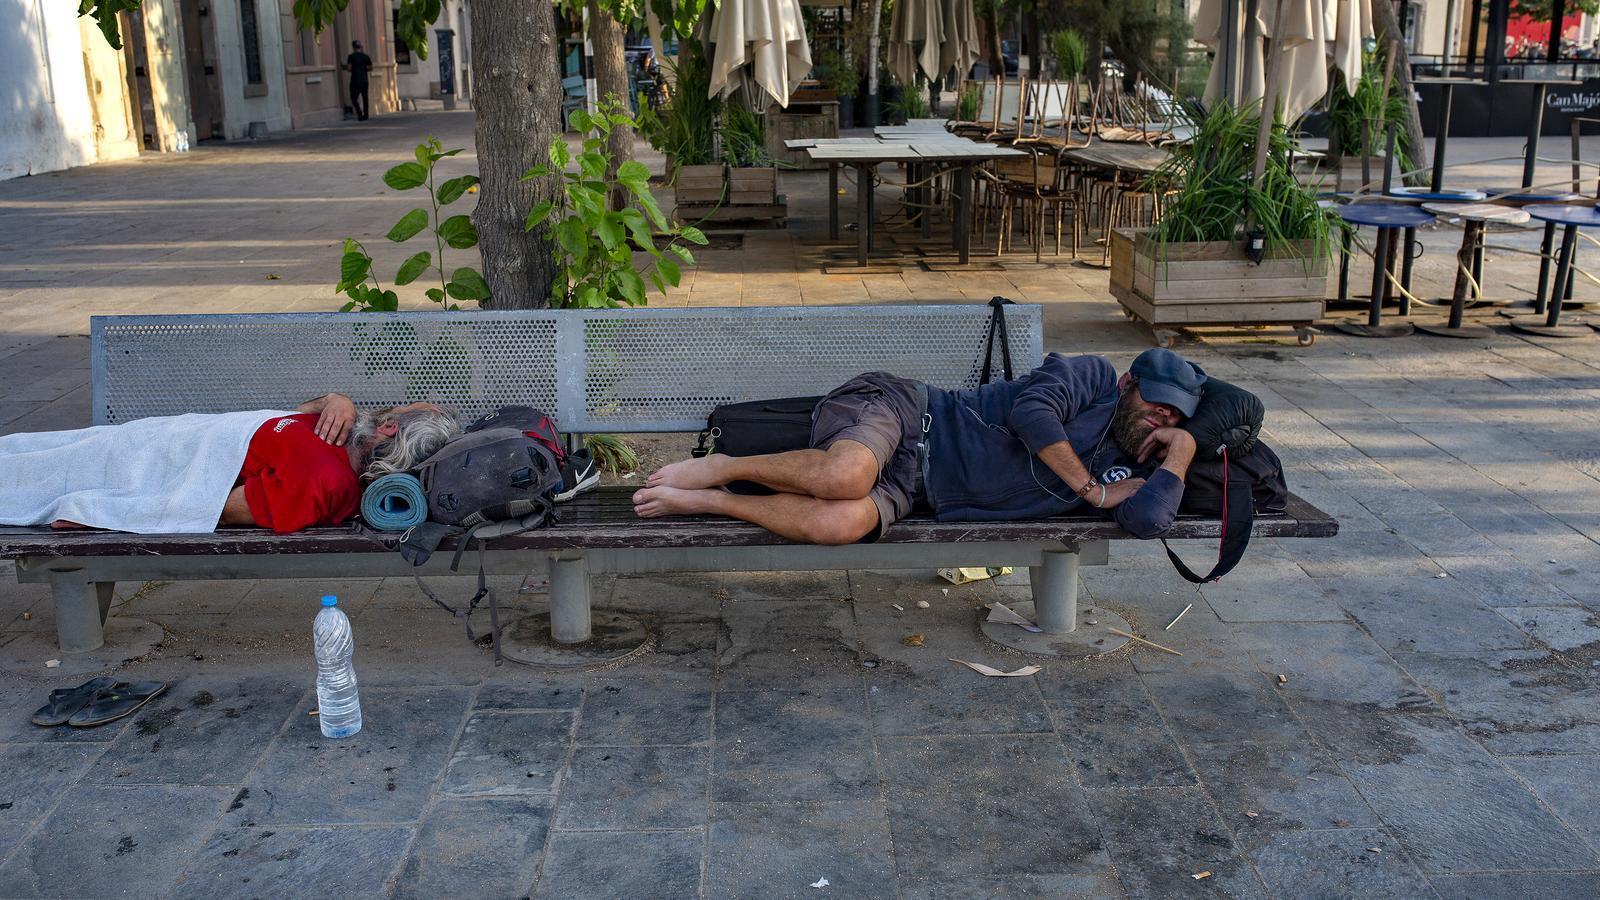 Les persones que viuen al carrer a Barcelona augmenten més d'un 80% en dotze anys